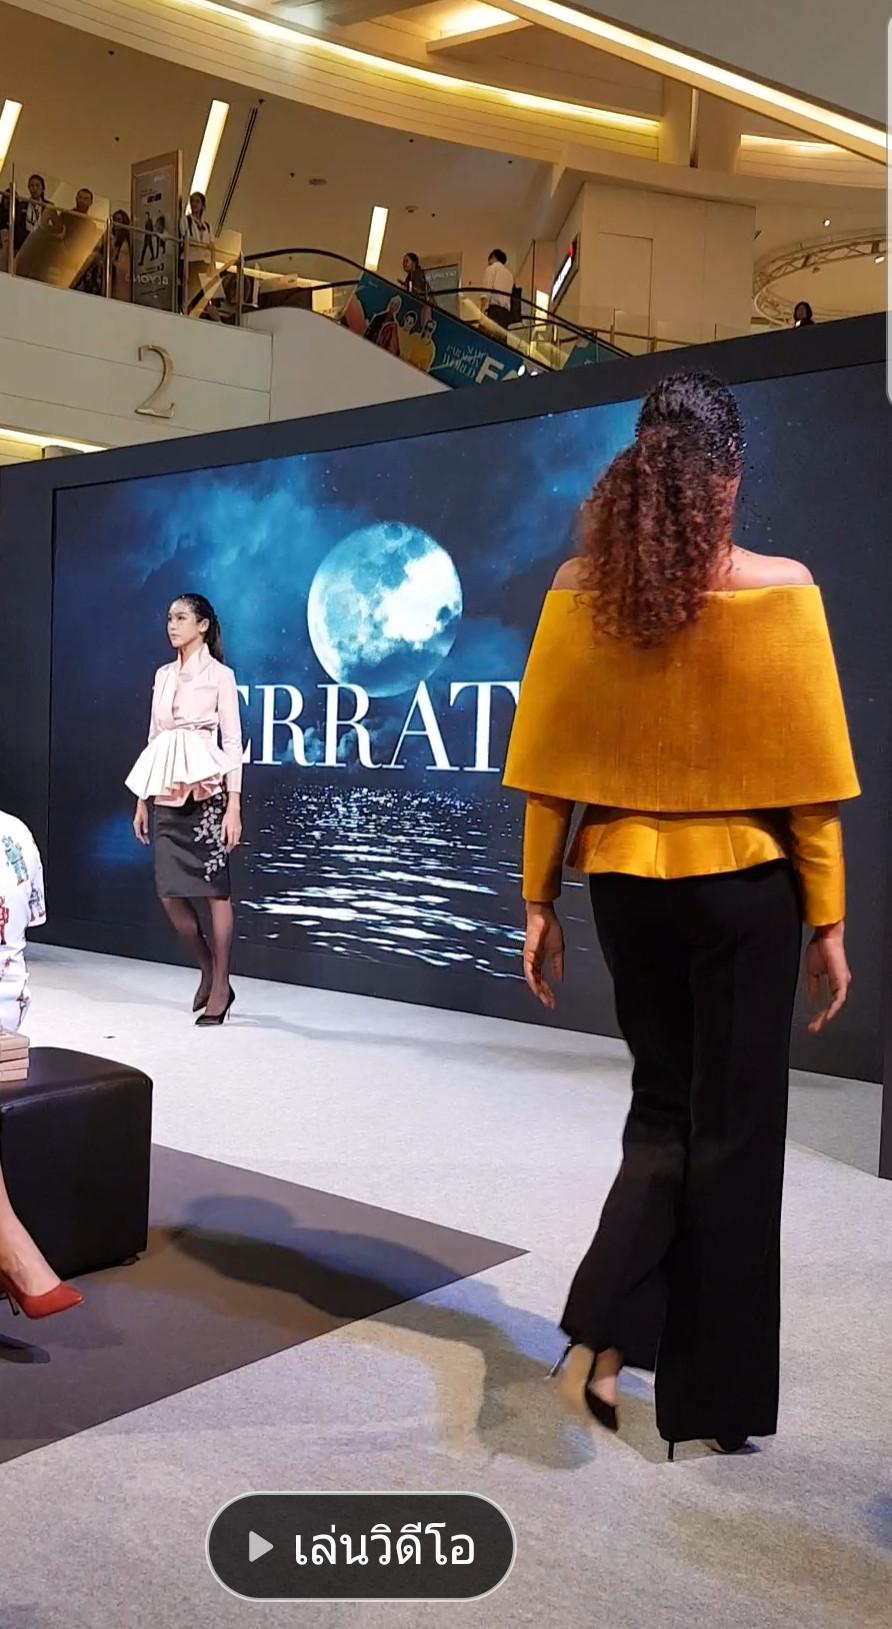 ผลงานการสร้างแพทเทิร์นเสื้อสตรีรูปทรงคลาสสิคคอวีปกโอบกว้างแขนแร็คแลน แบรนด์ Ferratiti